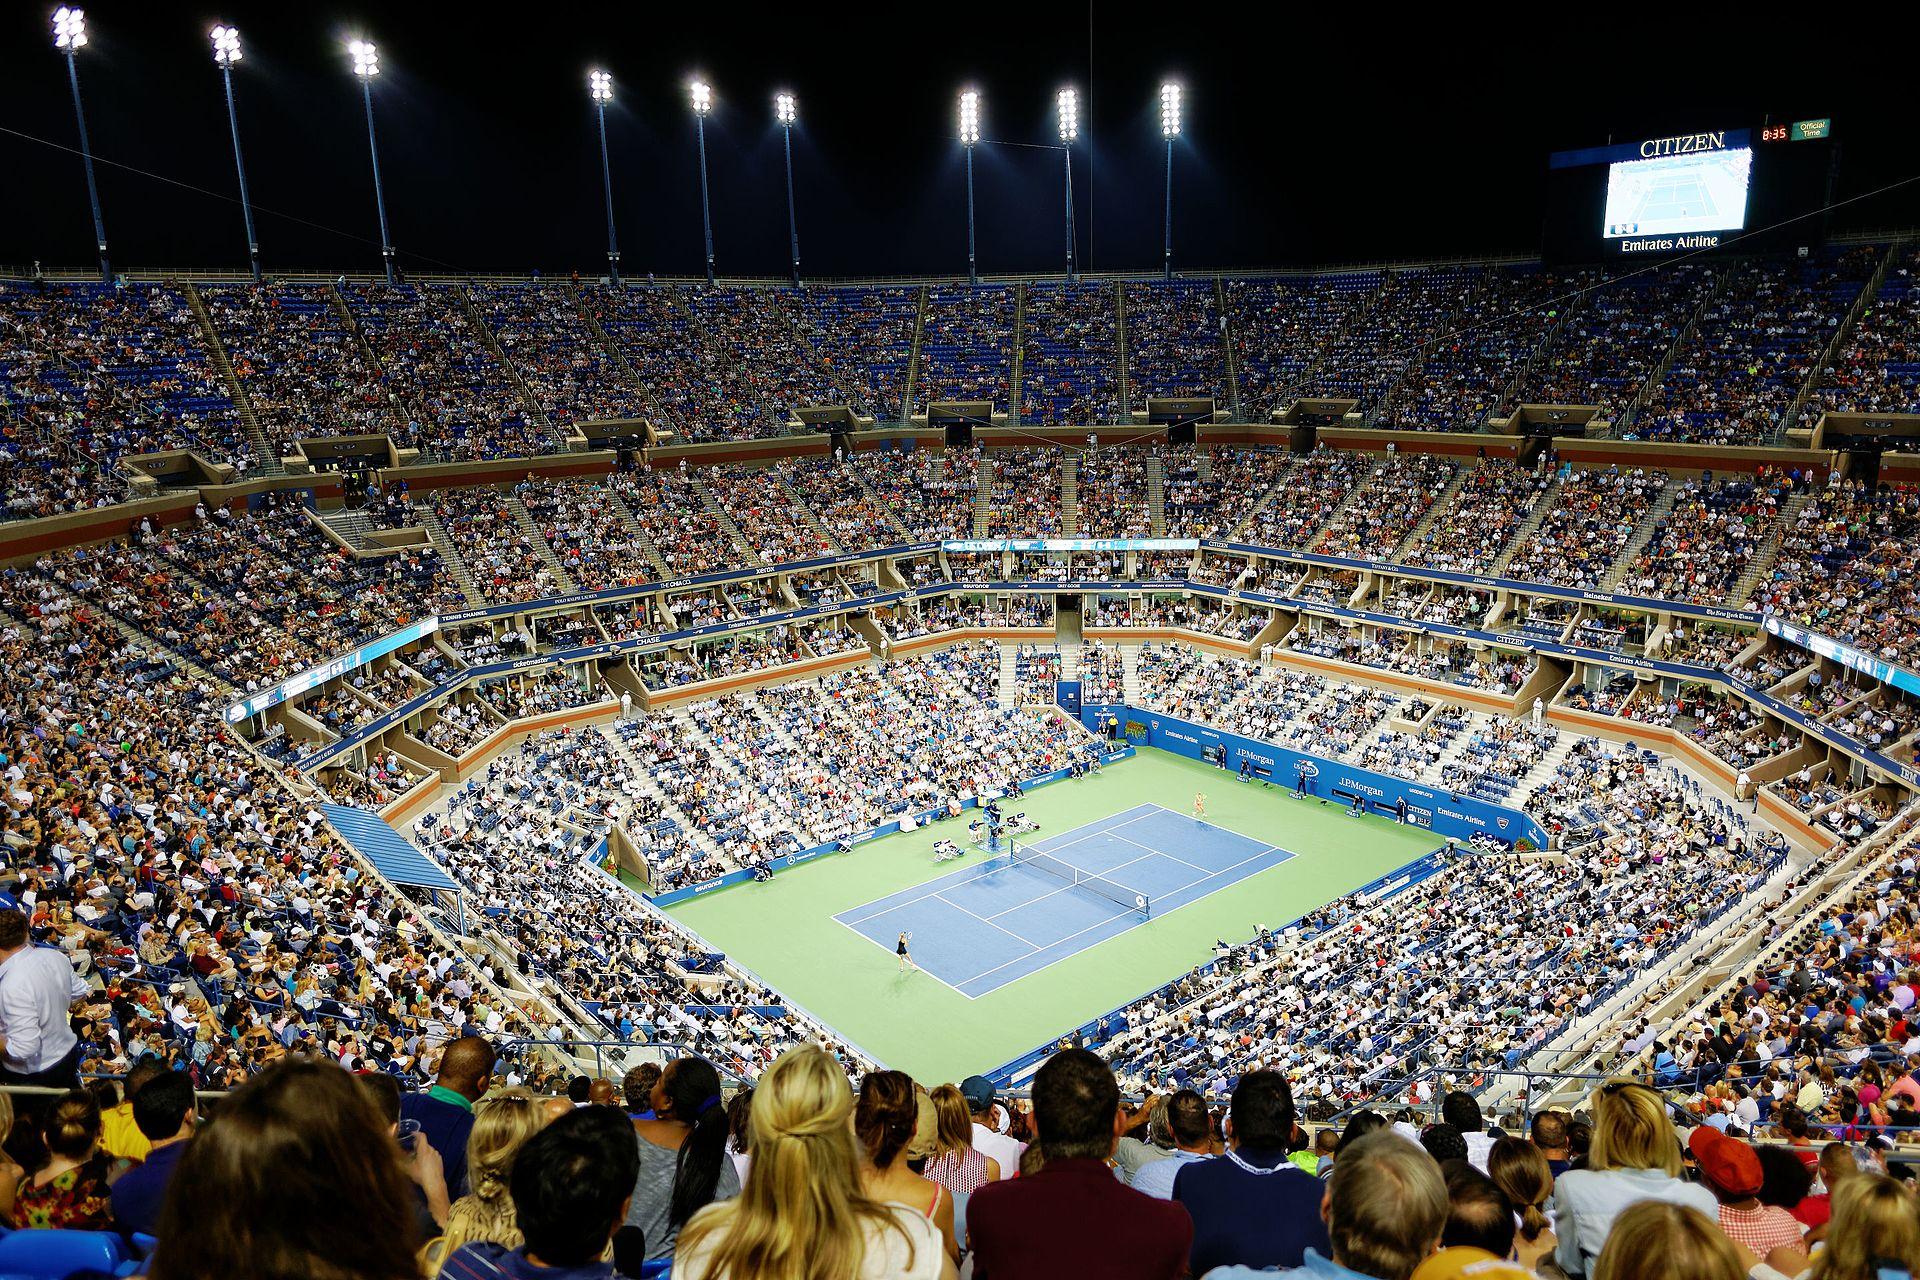 US Open (tenis) – Wikipedie